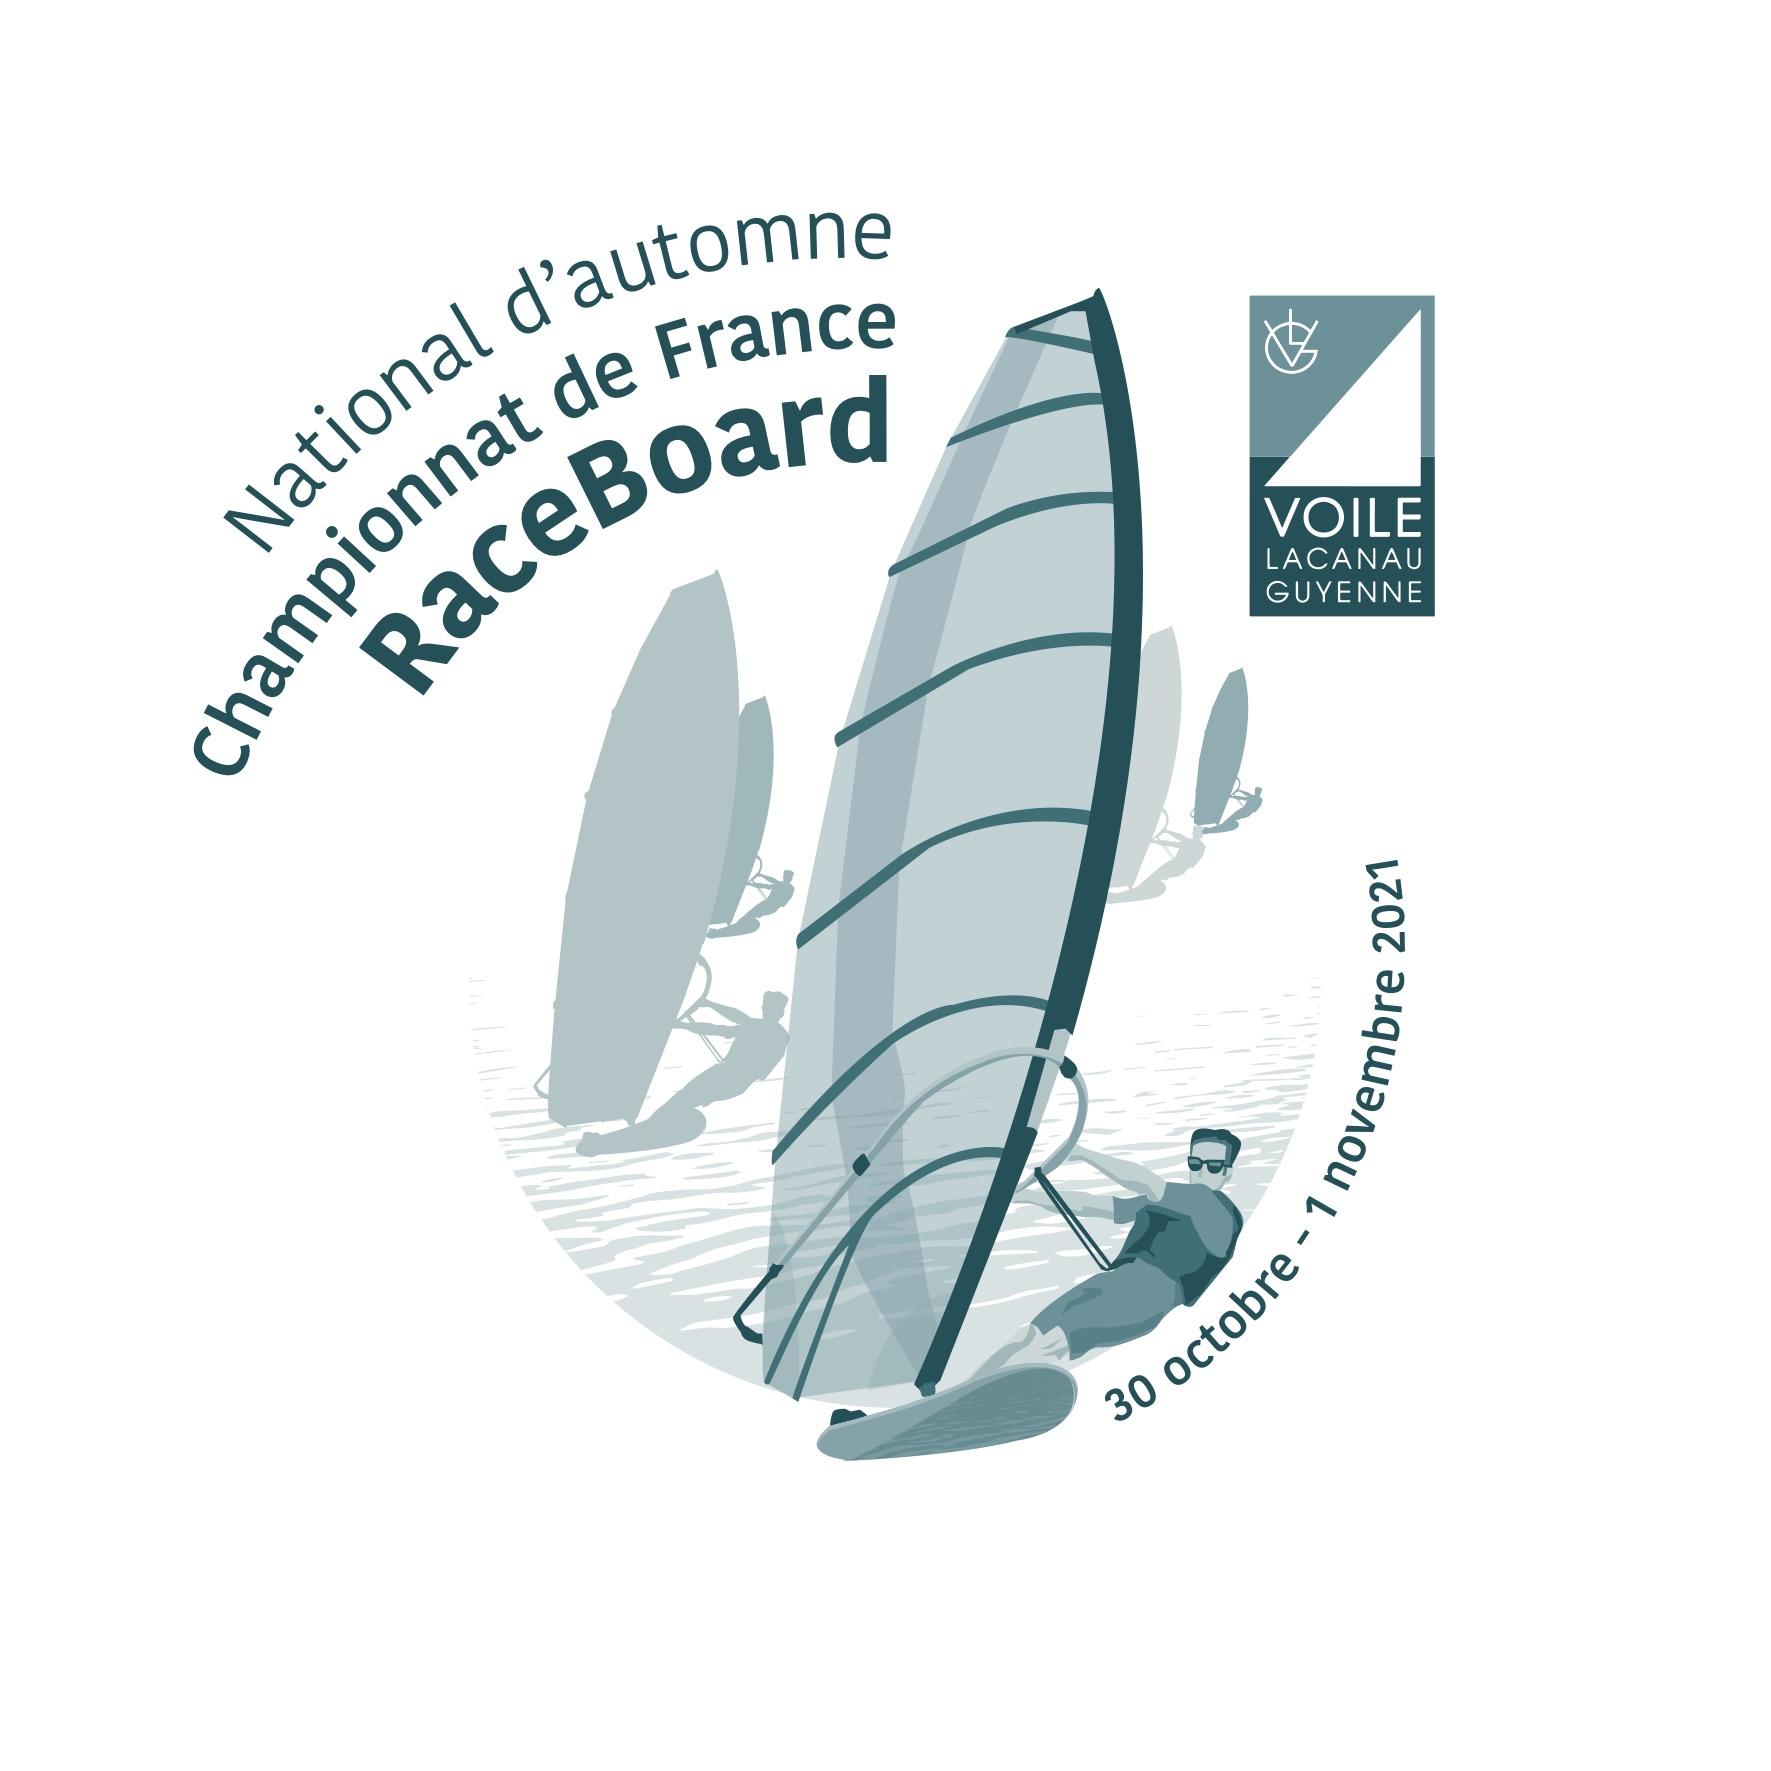 National d'Automne windsurf et Championnat de France Raceboard